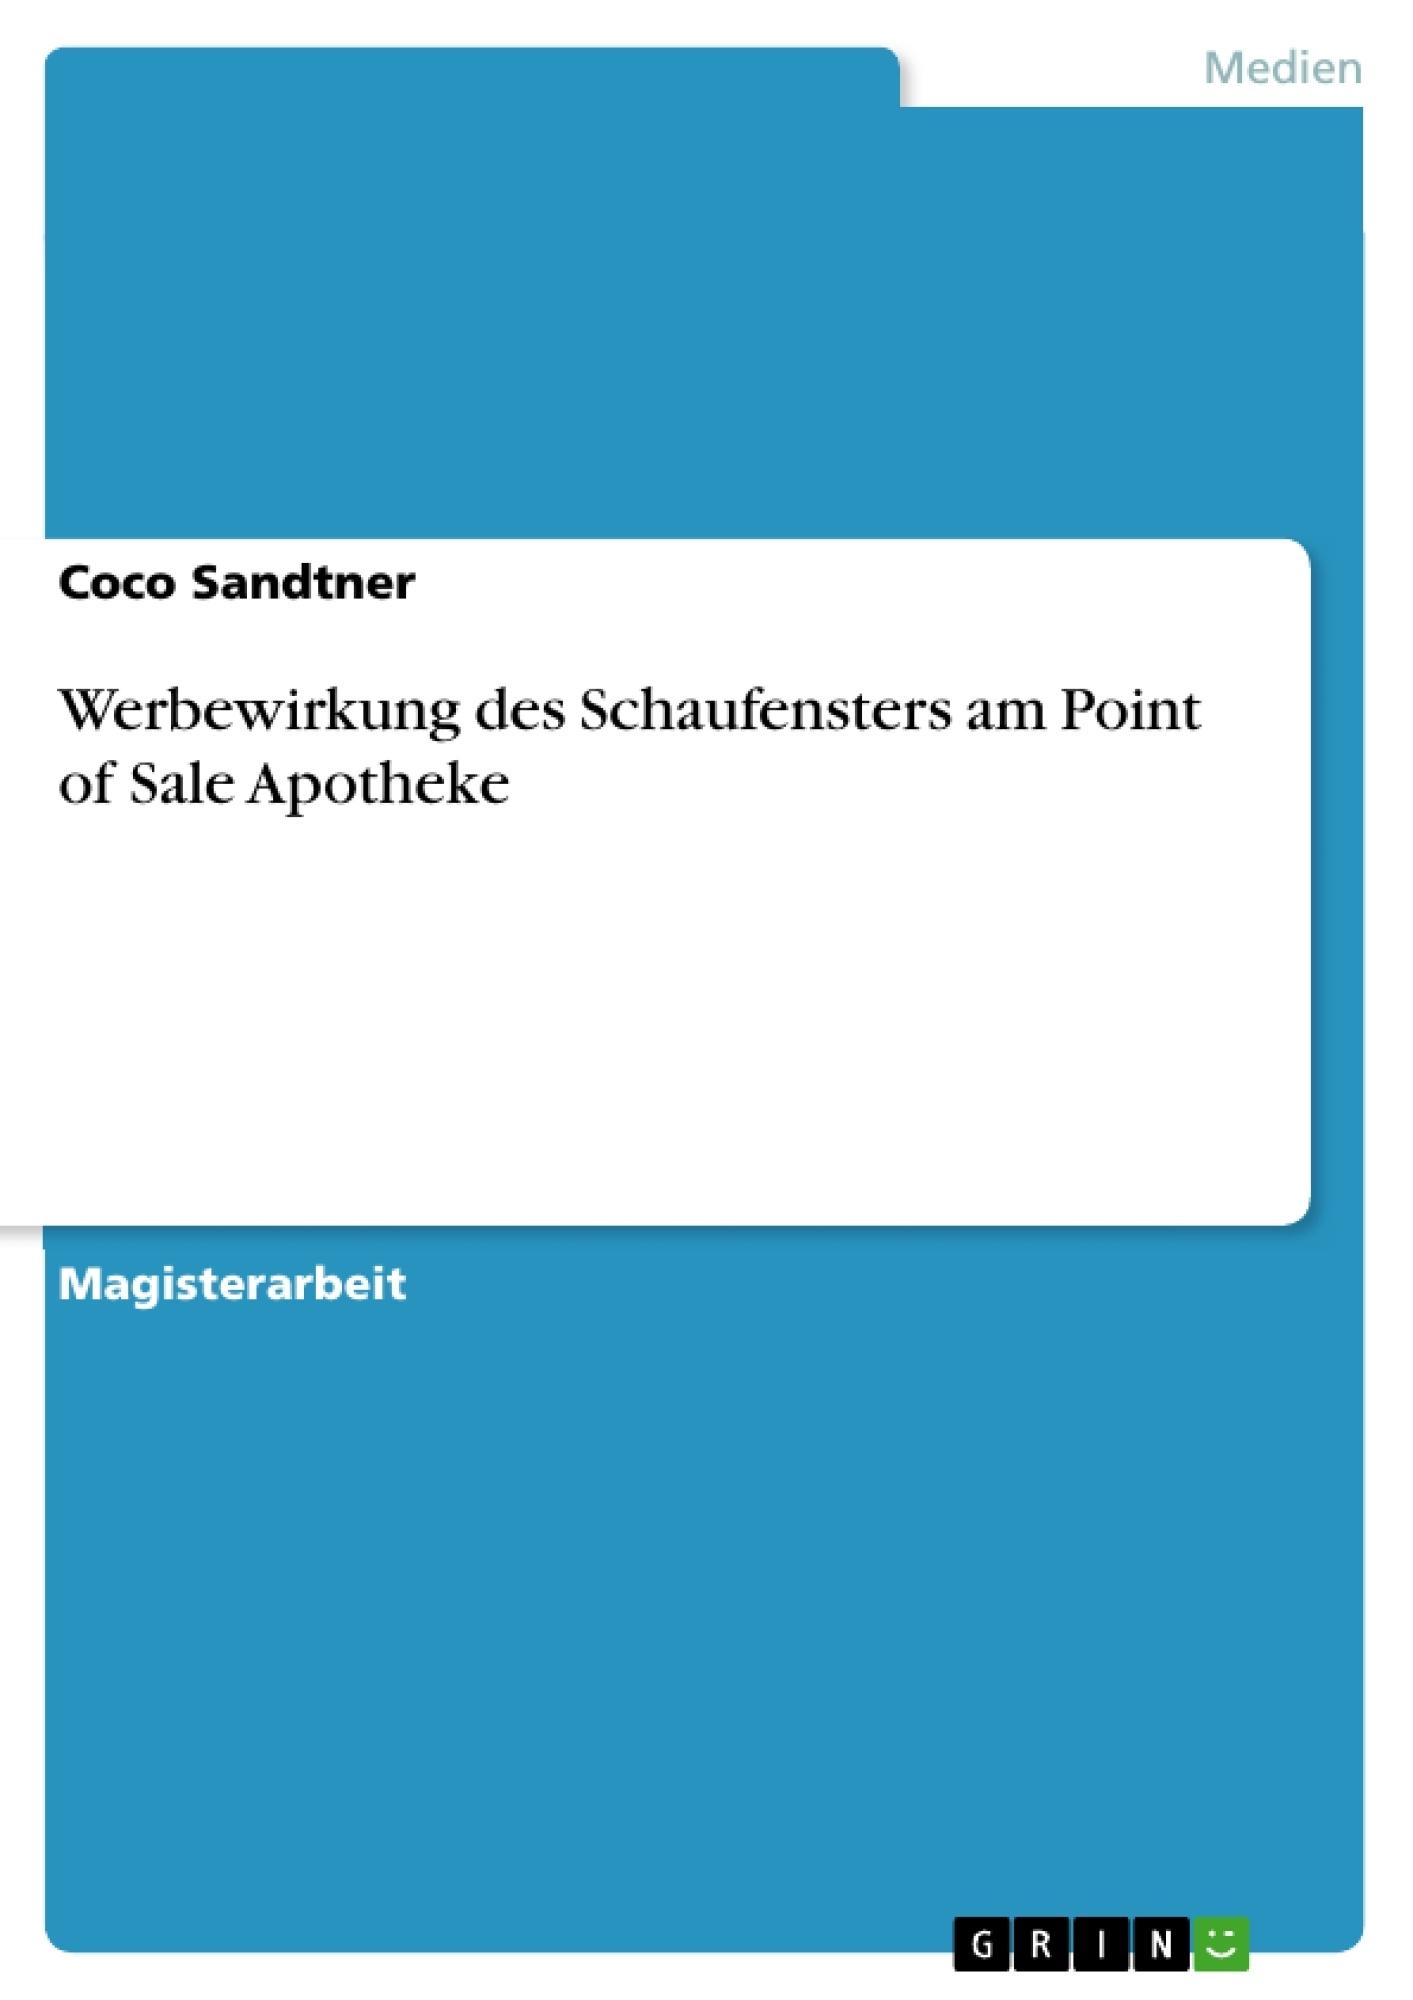 Titel: Werbewirkung des Schaufensters am Point of Sale Apotheke